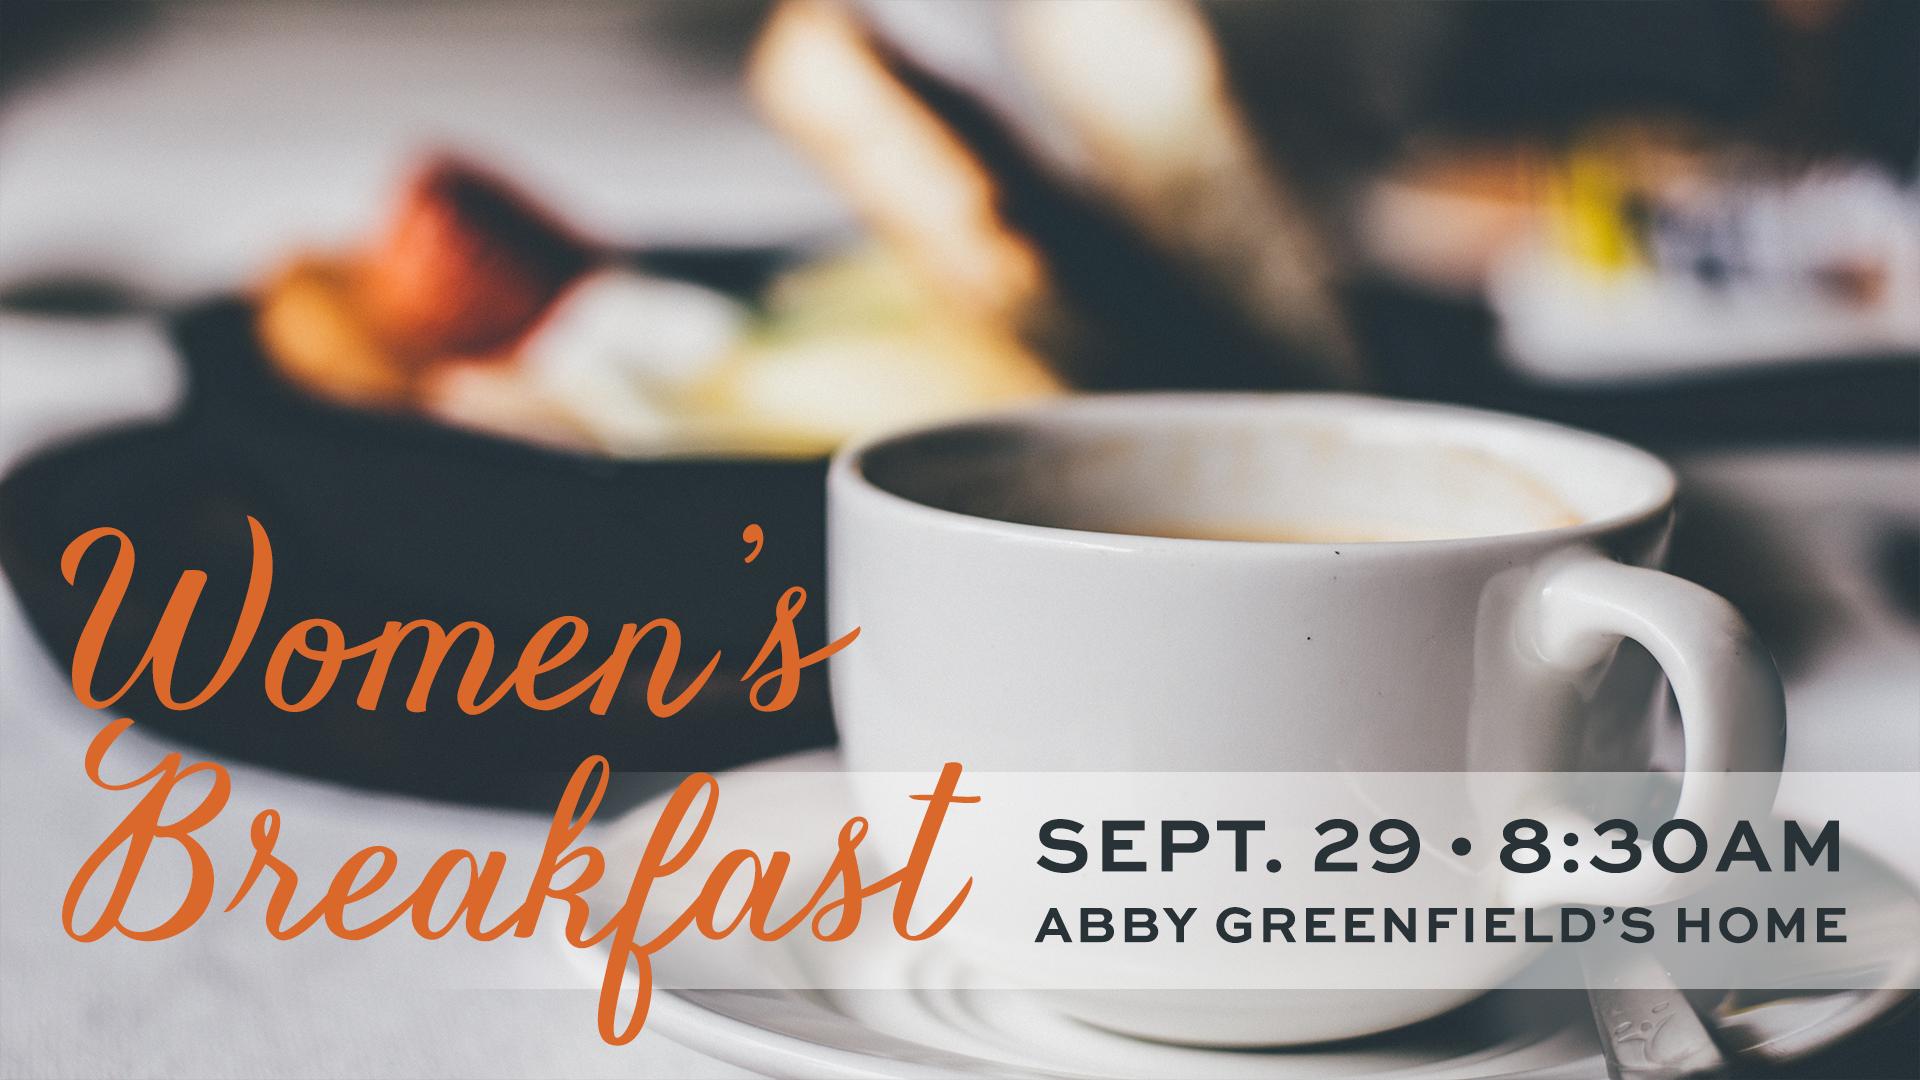 Women'sBreakfast-Sept29.jpeg